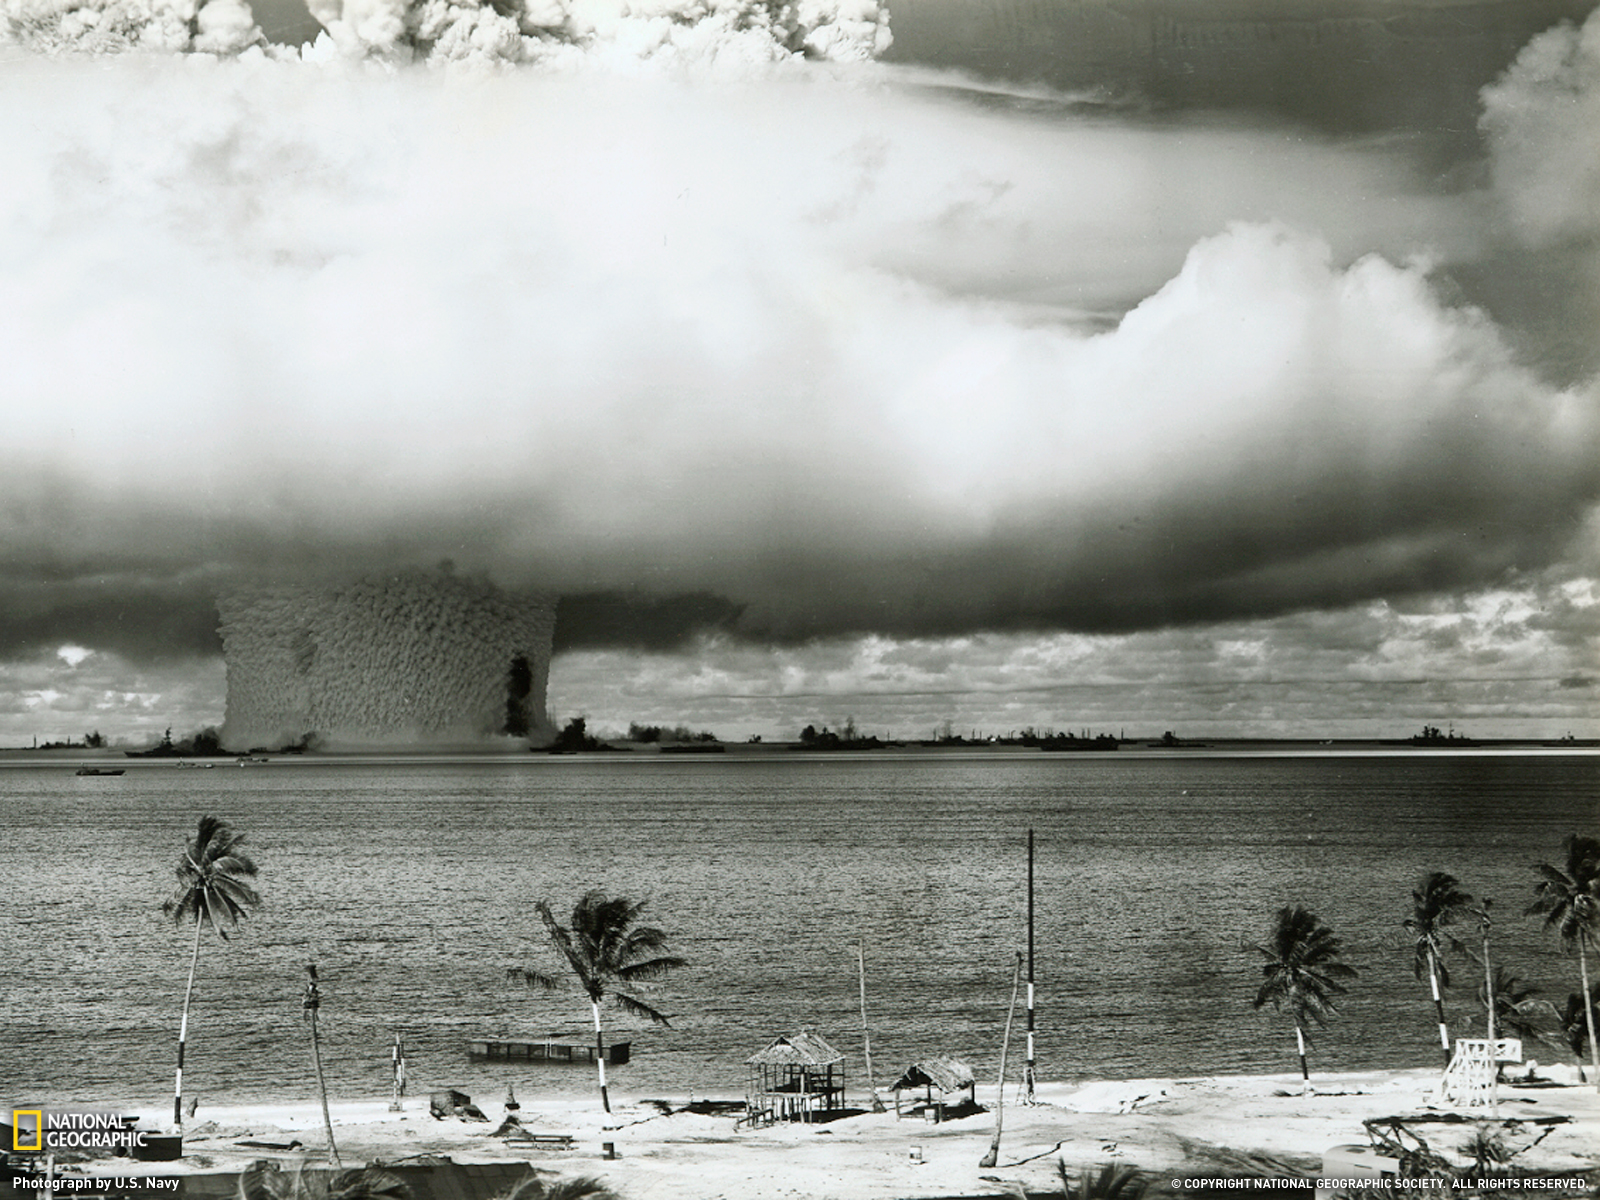 http://4.bp.blogspot.com/-Ix_Y8izkfv4/UR8ZSFirt3I/AAAAAAAAMFM/VO4250RicMQ/s1600/8003_1600x1200-wallpaper-Atom+Bomb+Test,+Bikini+Atoll.jpg